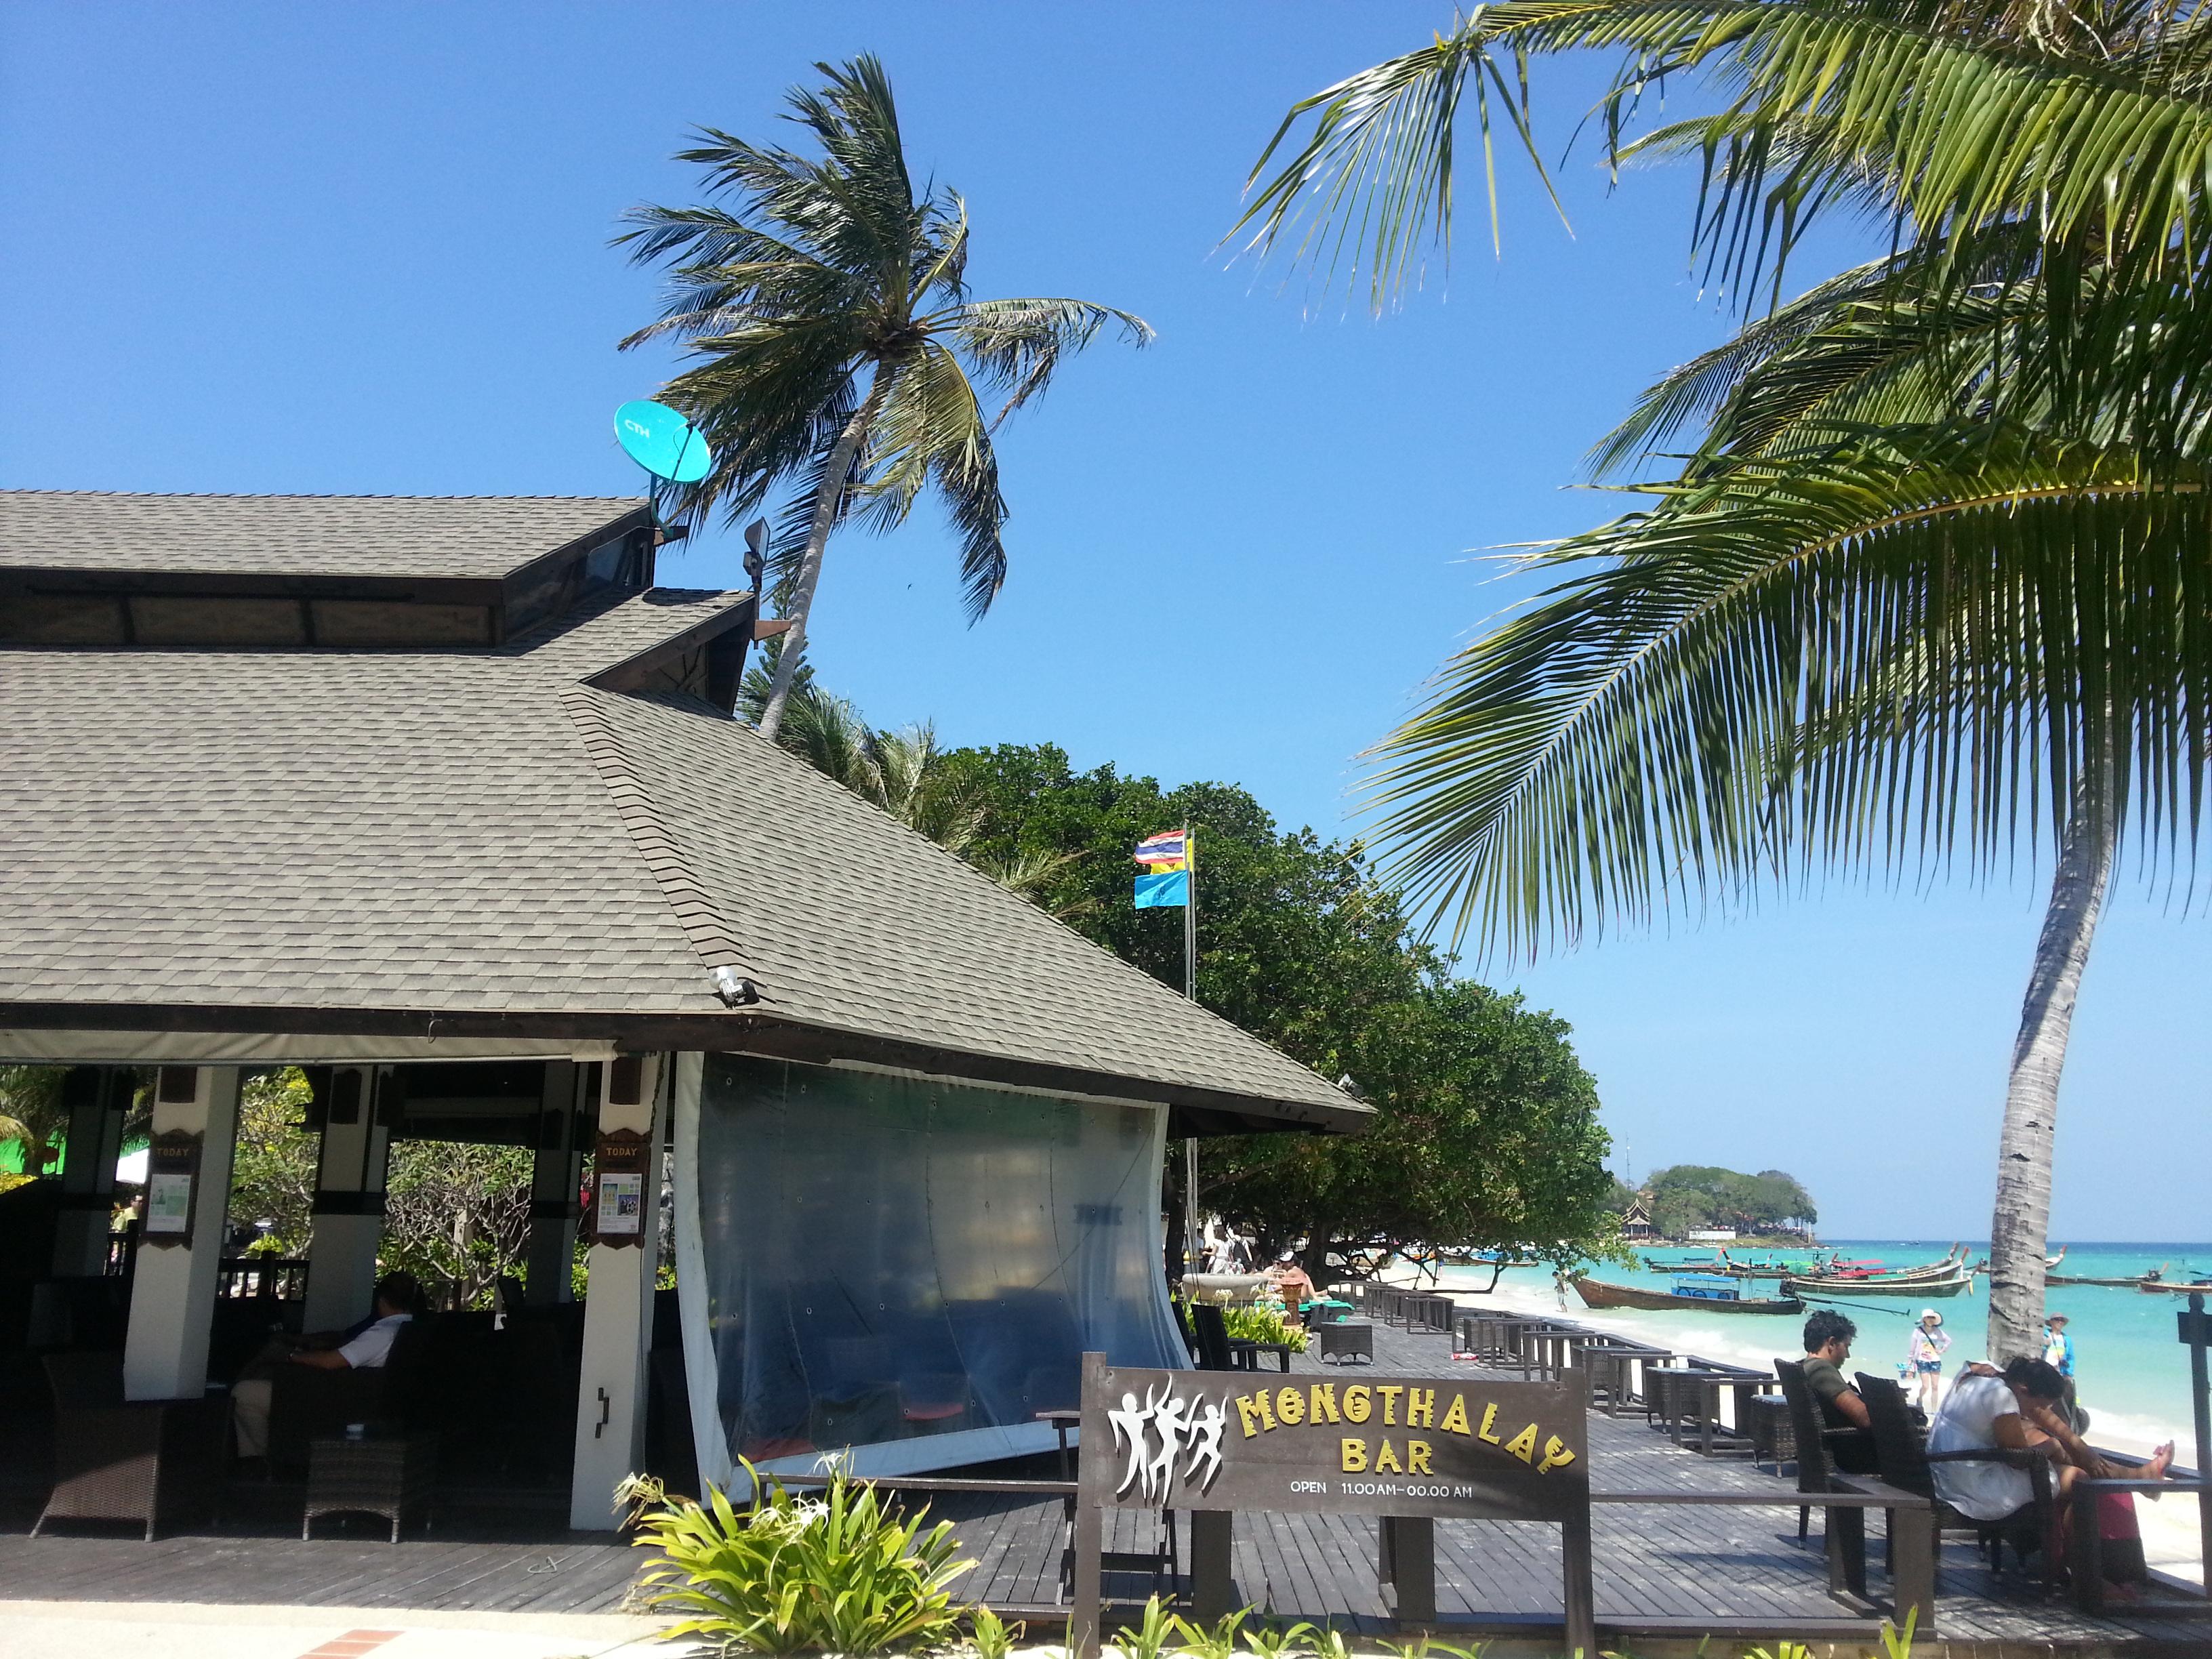 西冲一号沙滩海边别墅小木屋